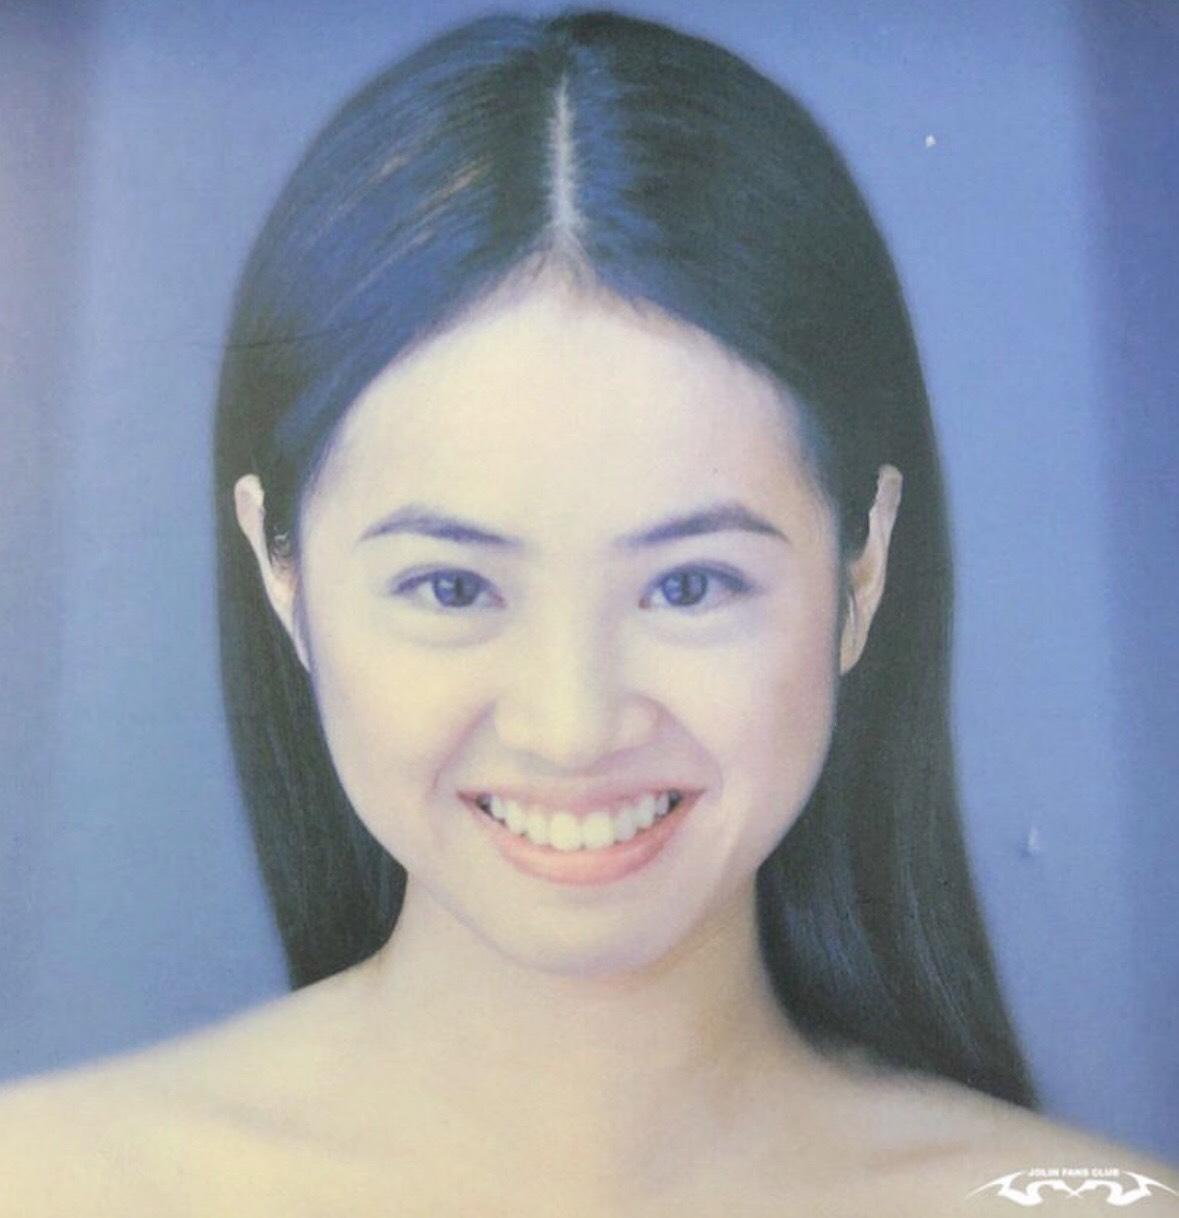 蔡依林甜美笑容吸引許多男粉絲喜愛。(摘自蔡依林IG)